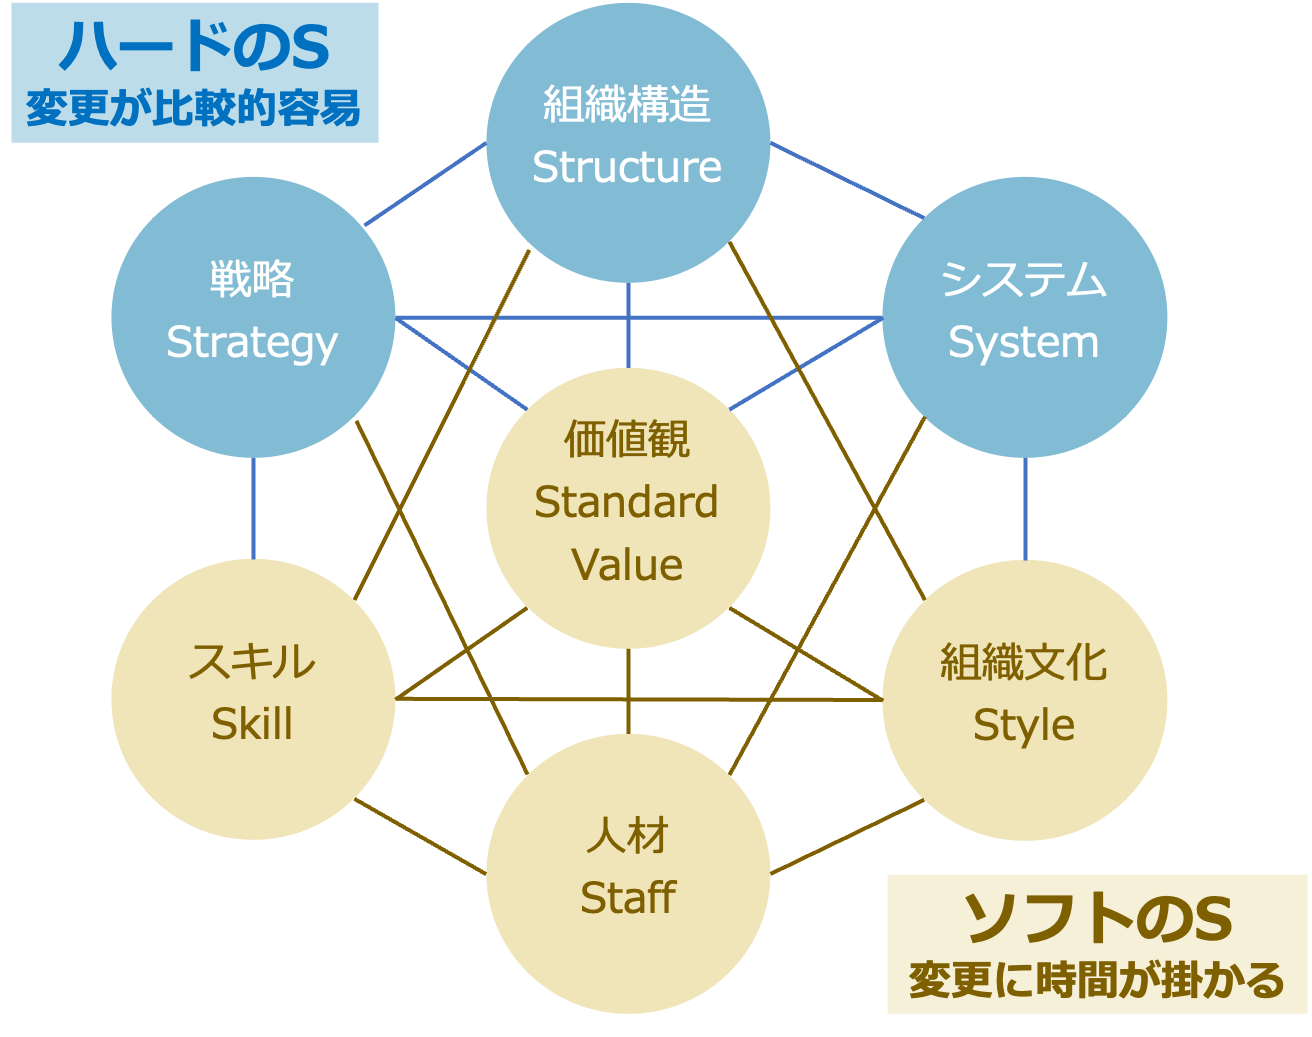 組織の7s ハード ソフト